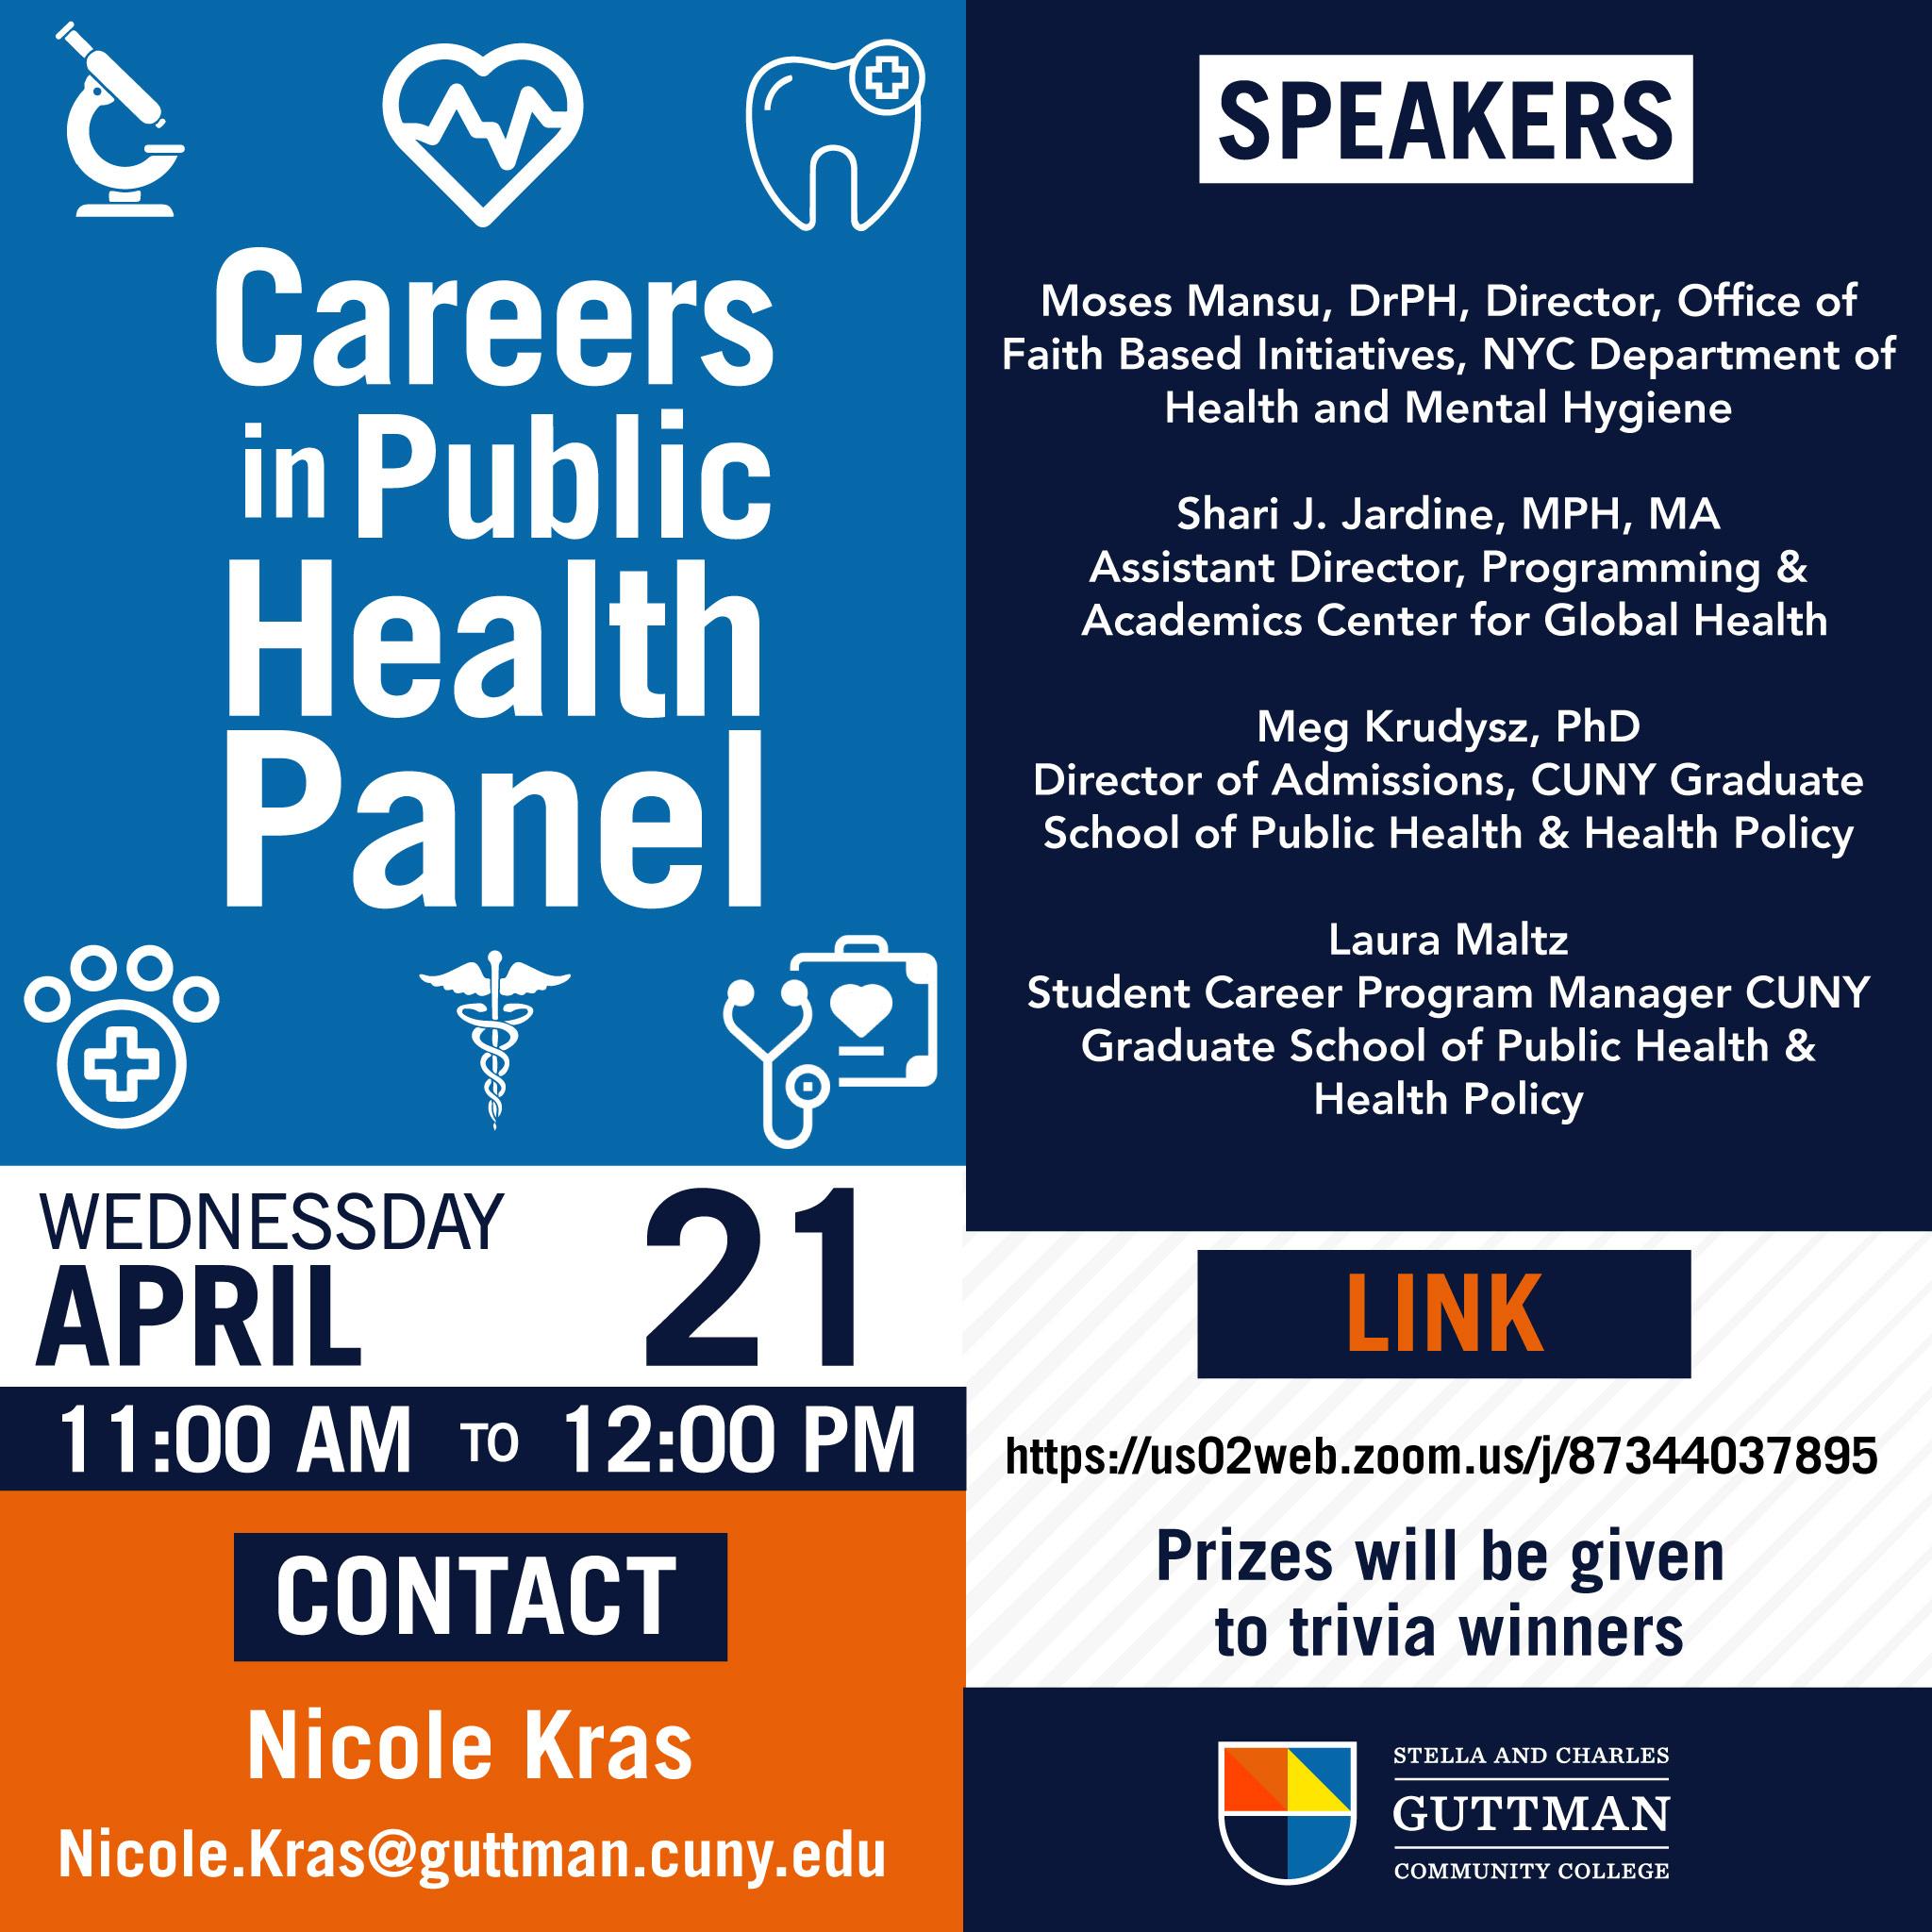 Careers in Public Health Flyer_4.21.21